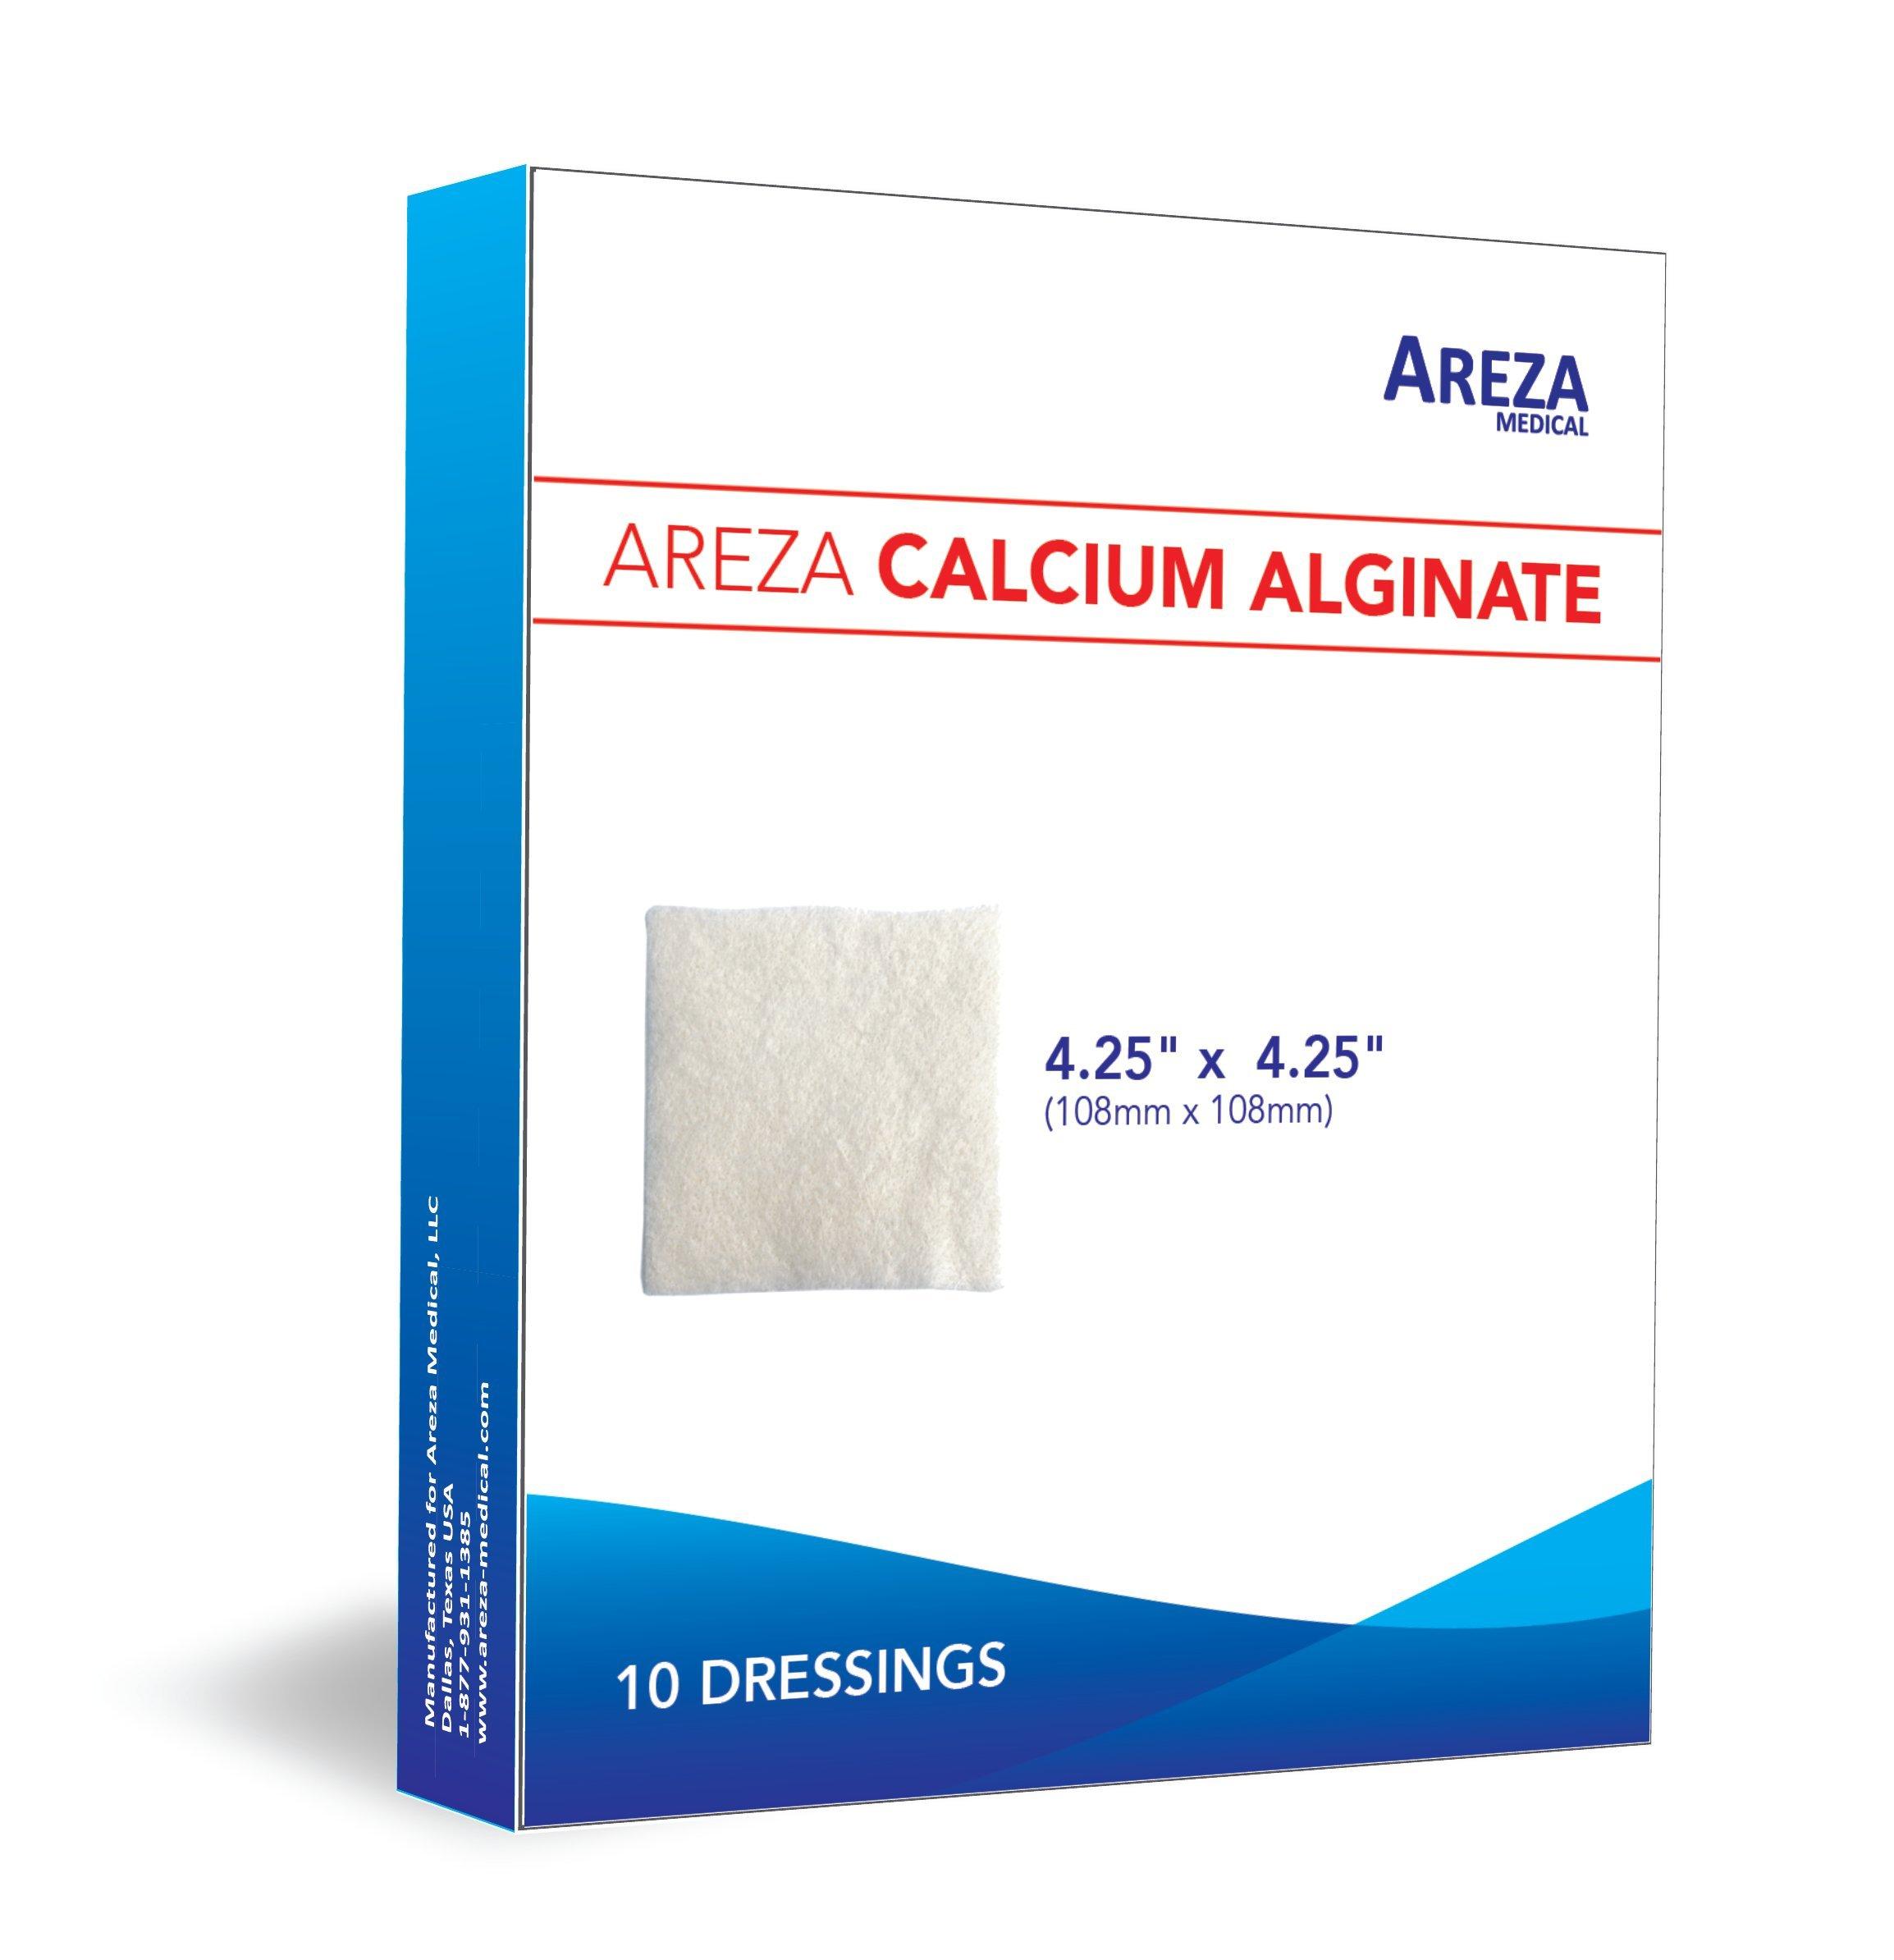 Calcium Alginate 4.25''x4.25'' Sterile 10 per Box (1) HIGH QUALITY